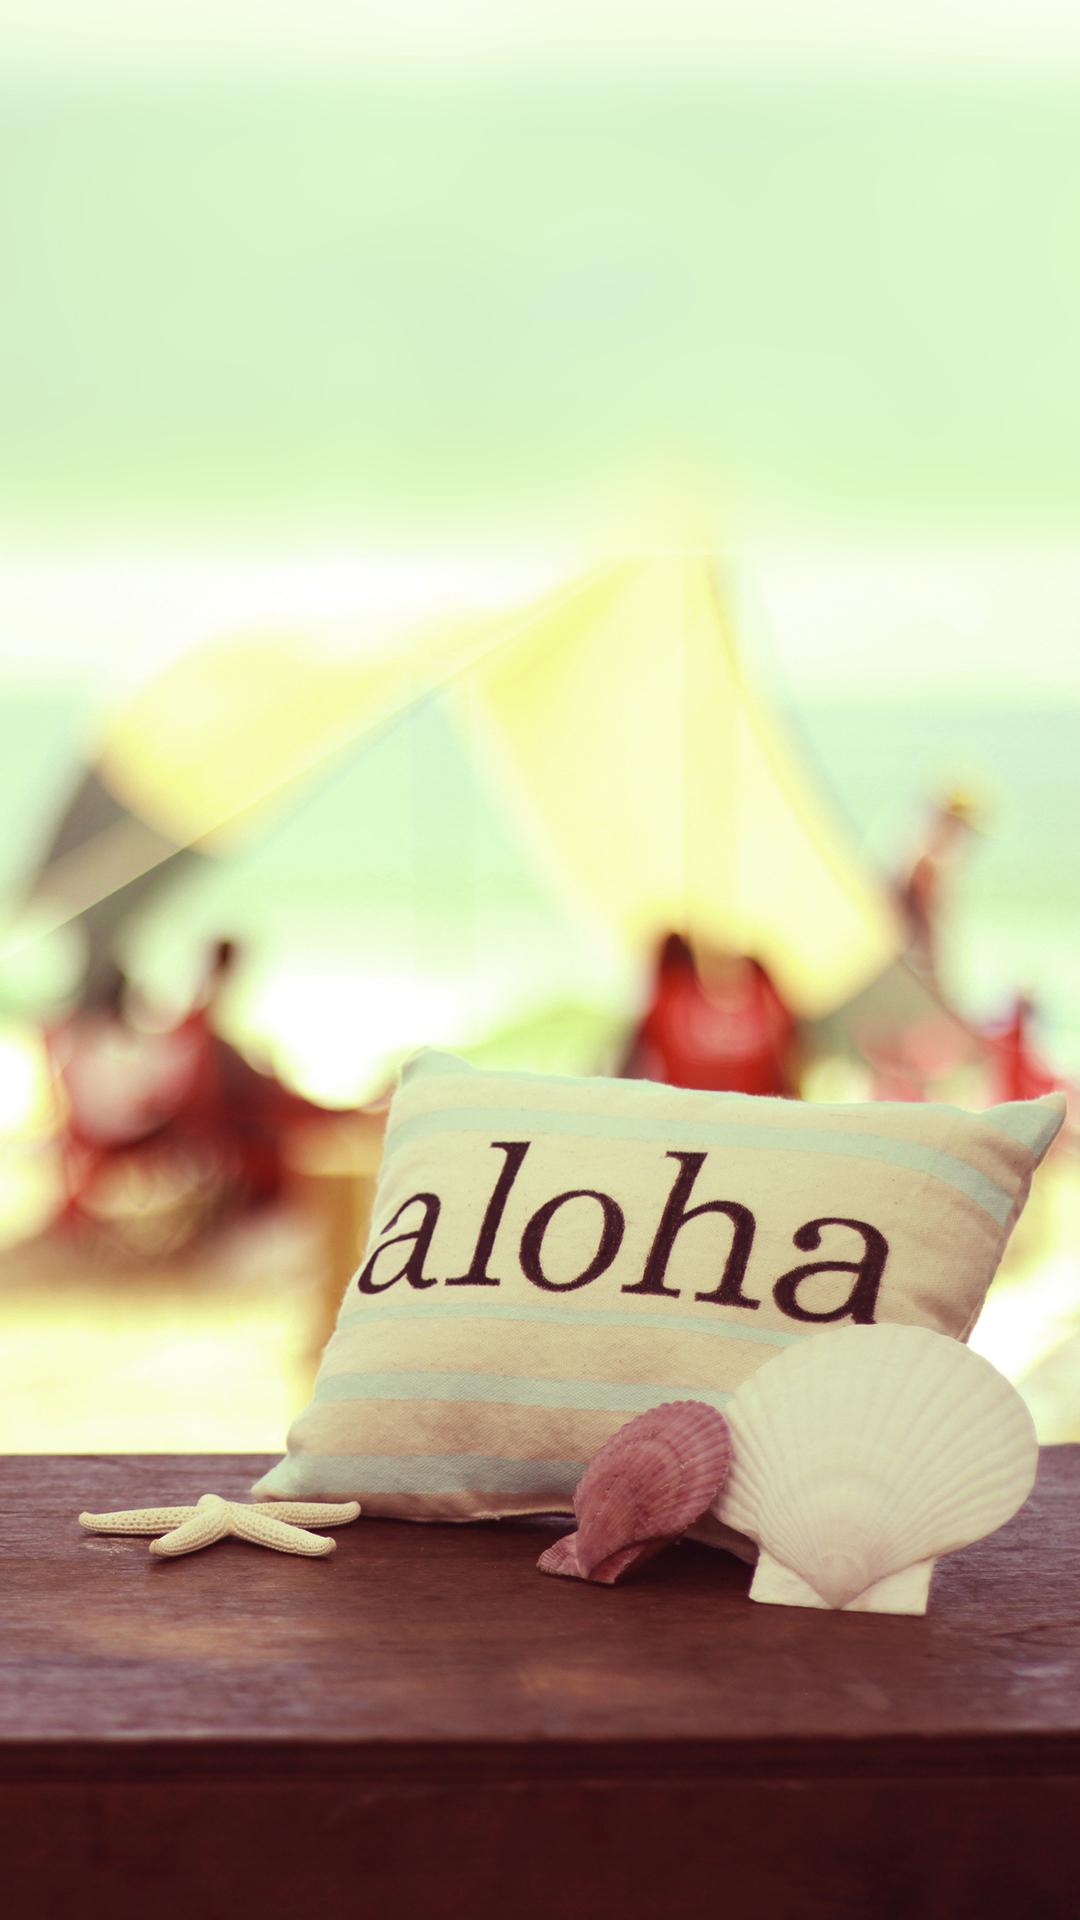 おしゃれなiphone壁紙 ハワイアンな雰囲気の海辺のテラスのiphone スマホ 壁紙 おしゃれなフリー写真素材 Girly Drop